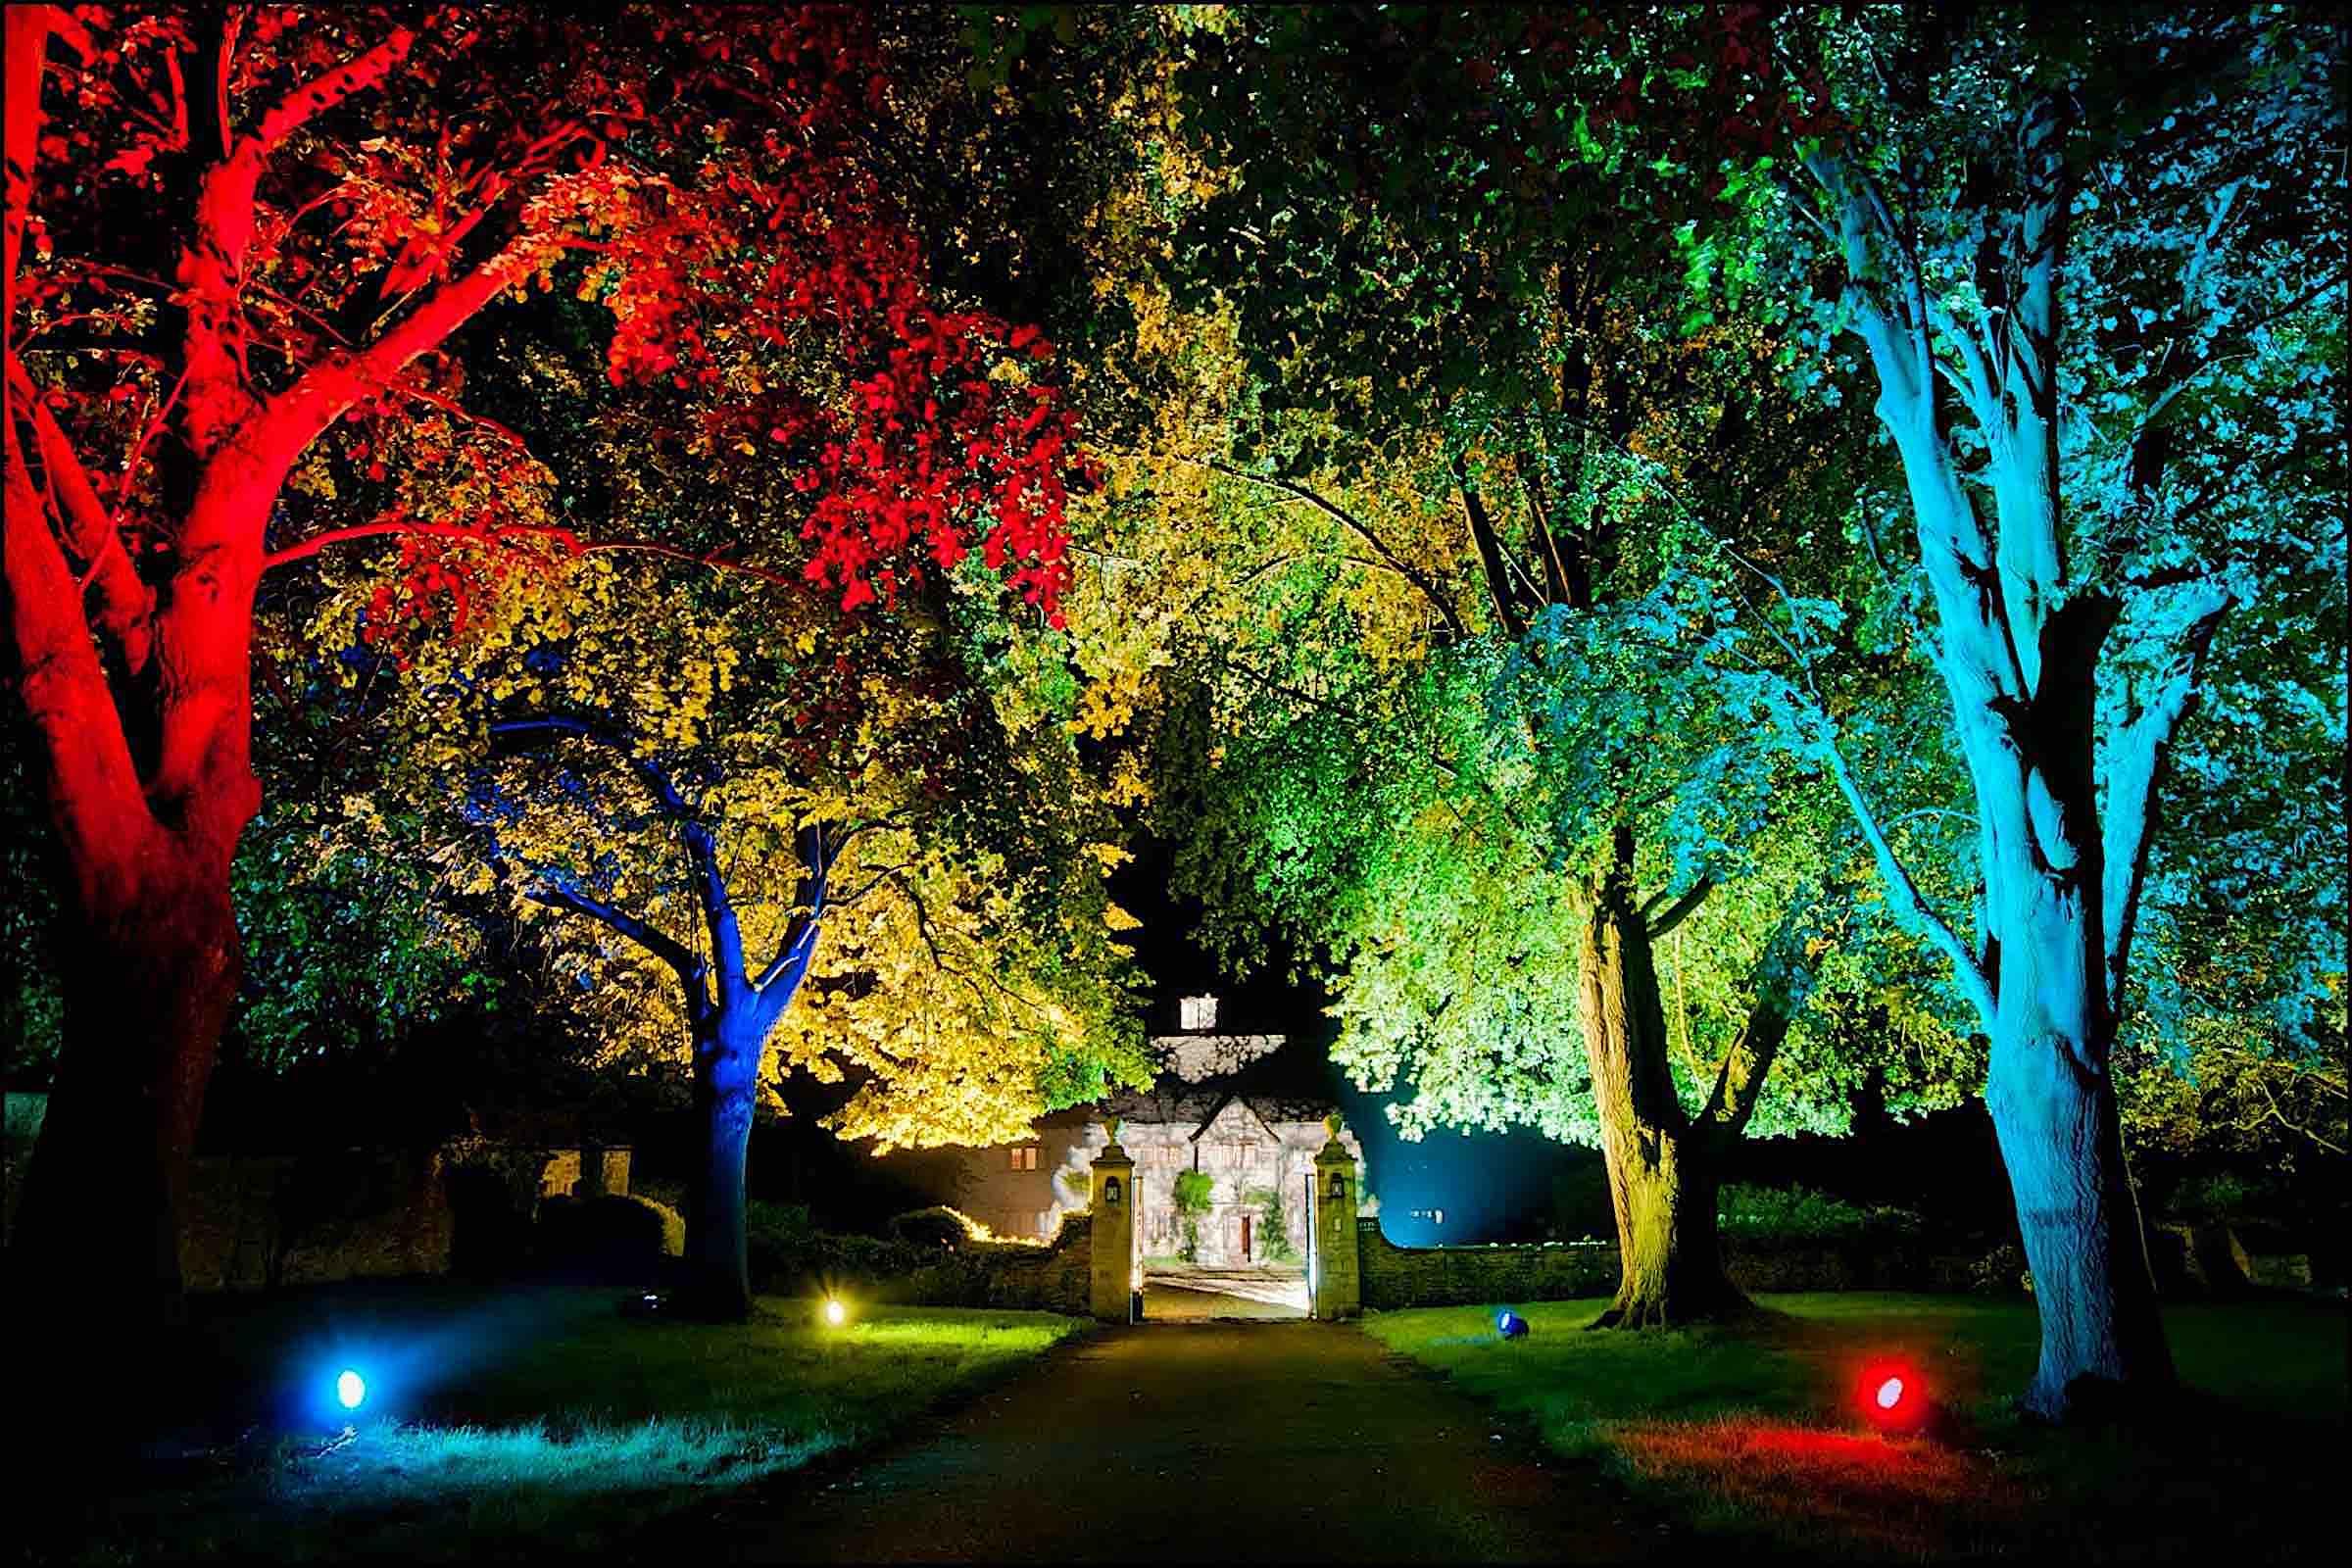 Lichttechnik  Outdoor  Bäume  Beleuchtung  Scheinwerfer  Lichttechnik  Uplight  Licht  Konzept  Illumination  Veranstaltungstechnik  Firmenkunden  Eventtechnik  Eventaustattung  Mieten  Buchen